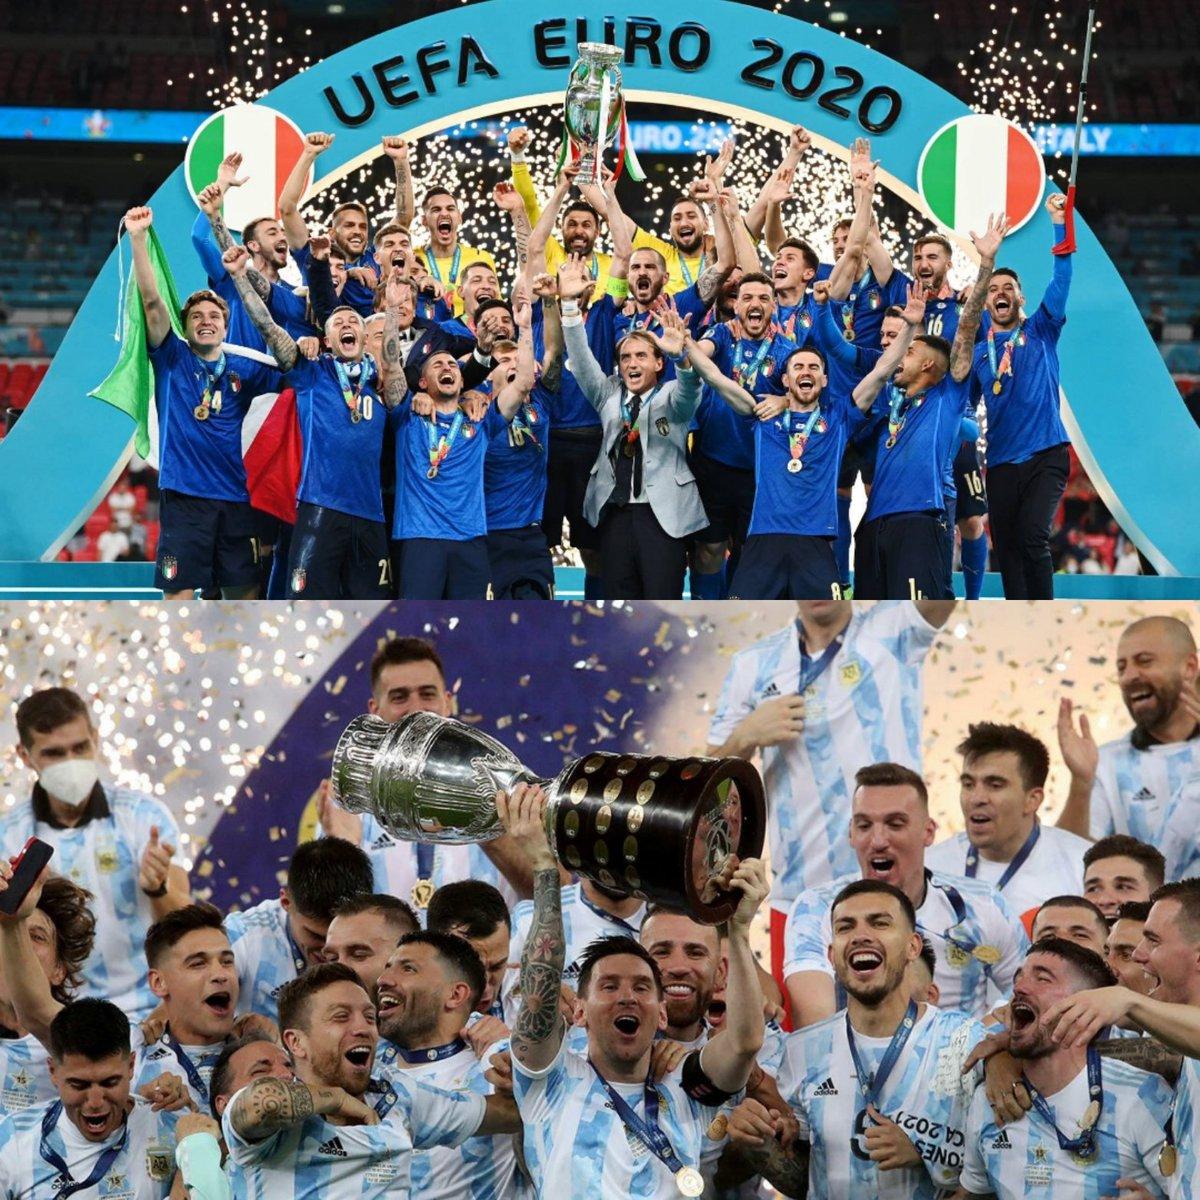 PARTIDAZO 🔥⚽. Duelo de campeones en junio del 2022   👉 #Argentina (campeón de la #Conmebol) vs #Italia (campeón de la #Eurocopa2021) 👉 Sede por confirmar 👉 ¿Cuándo? Junio 2022  PARA NO PERDERSE!!!?